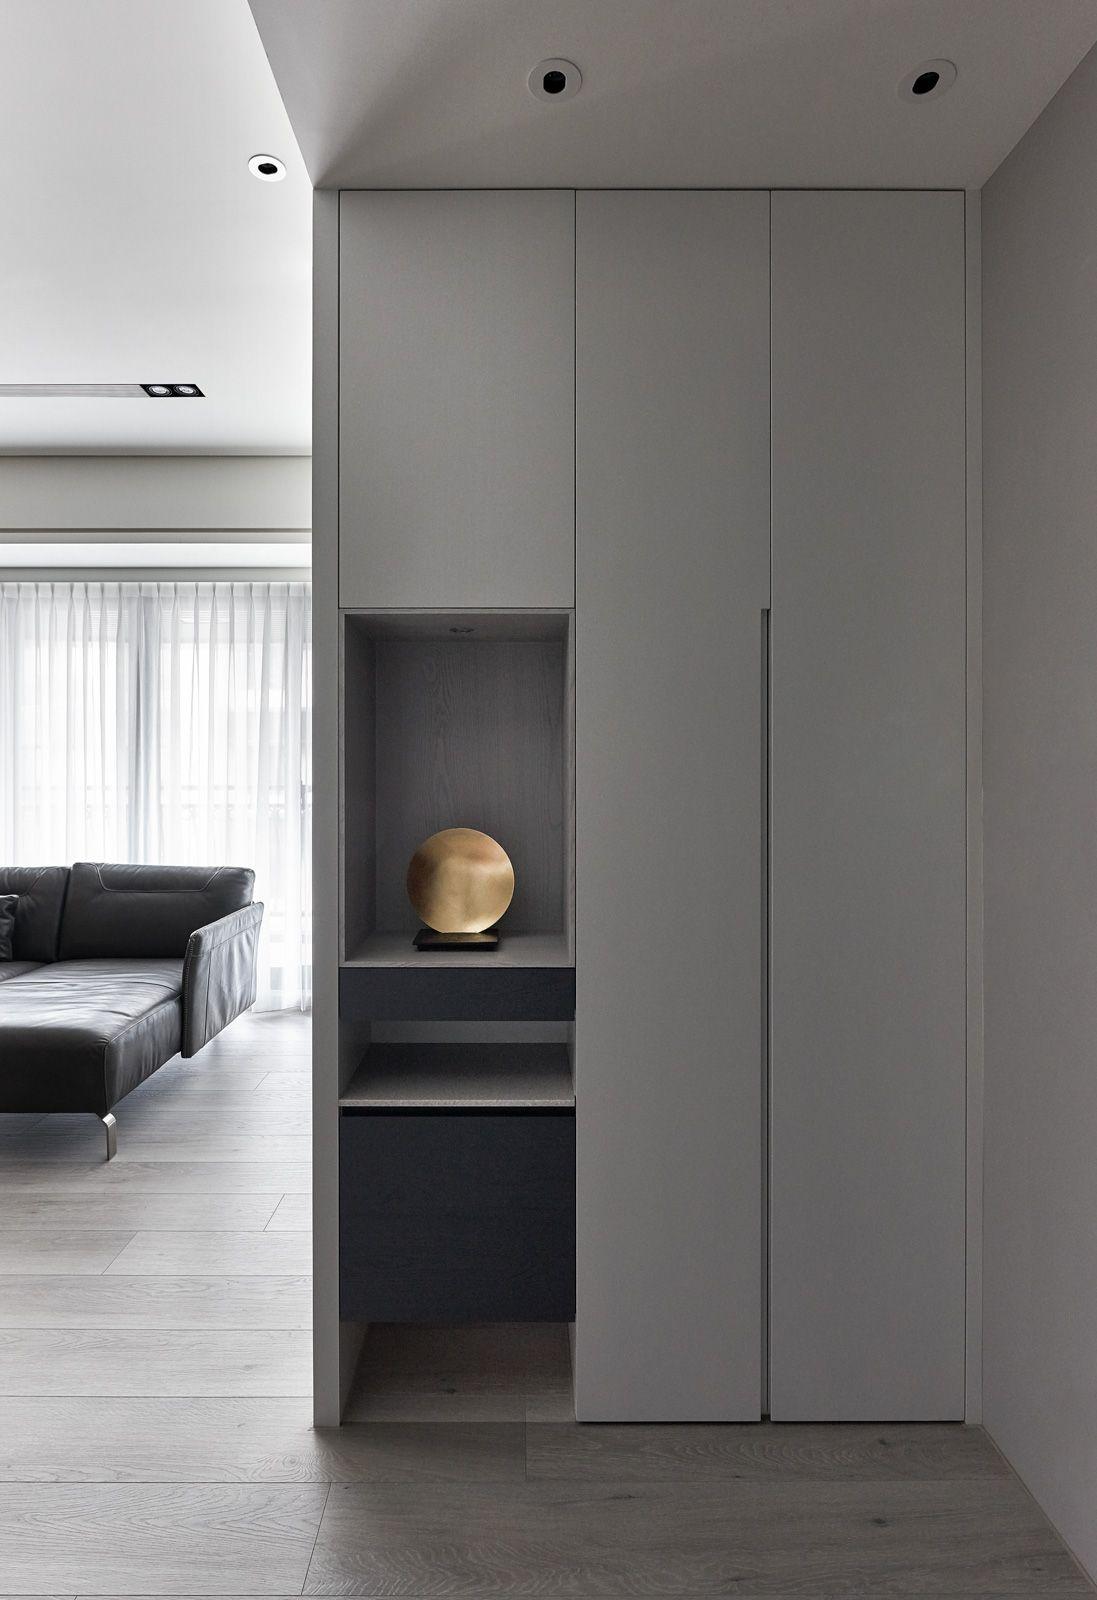 lcga c house on behance interior cabinet pinterest schrank garderobe und schlafzimmer. Black Bedroom Furniture Sets. Home Design Ideas